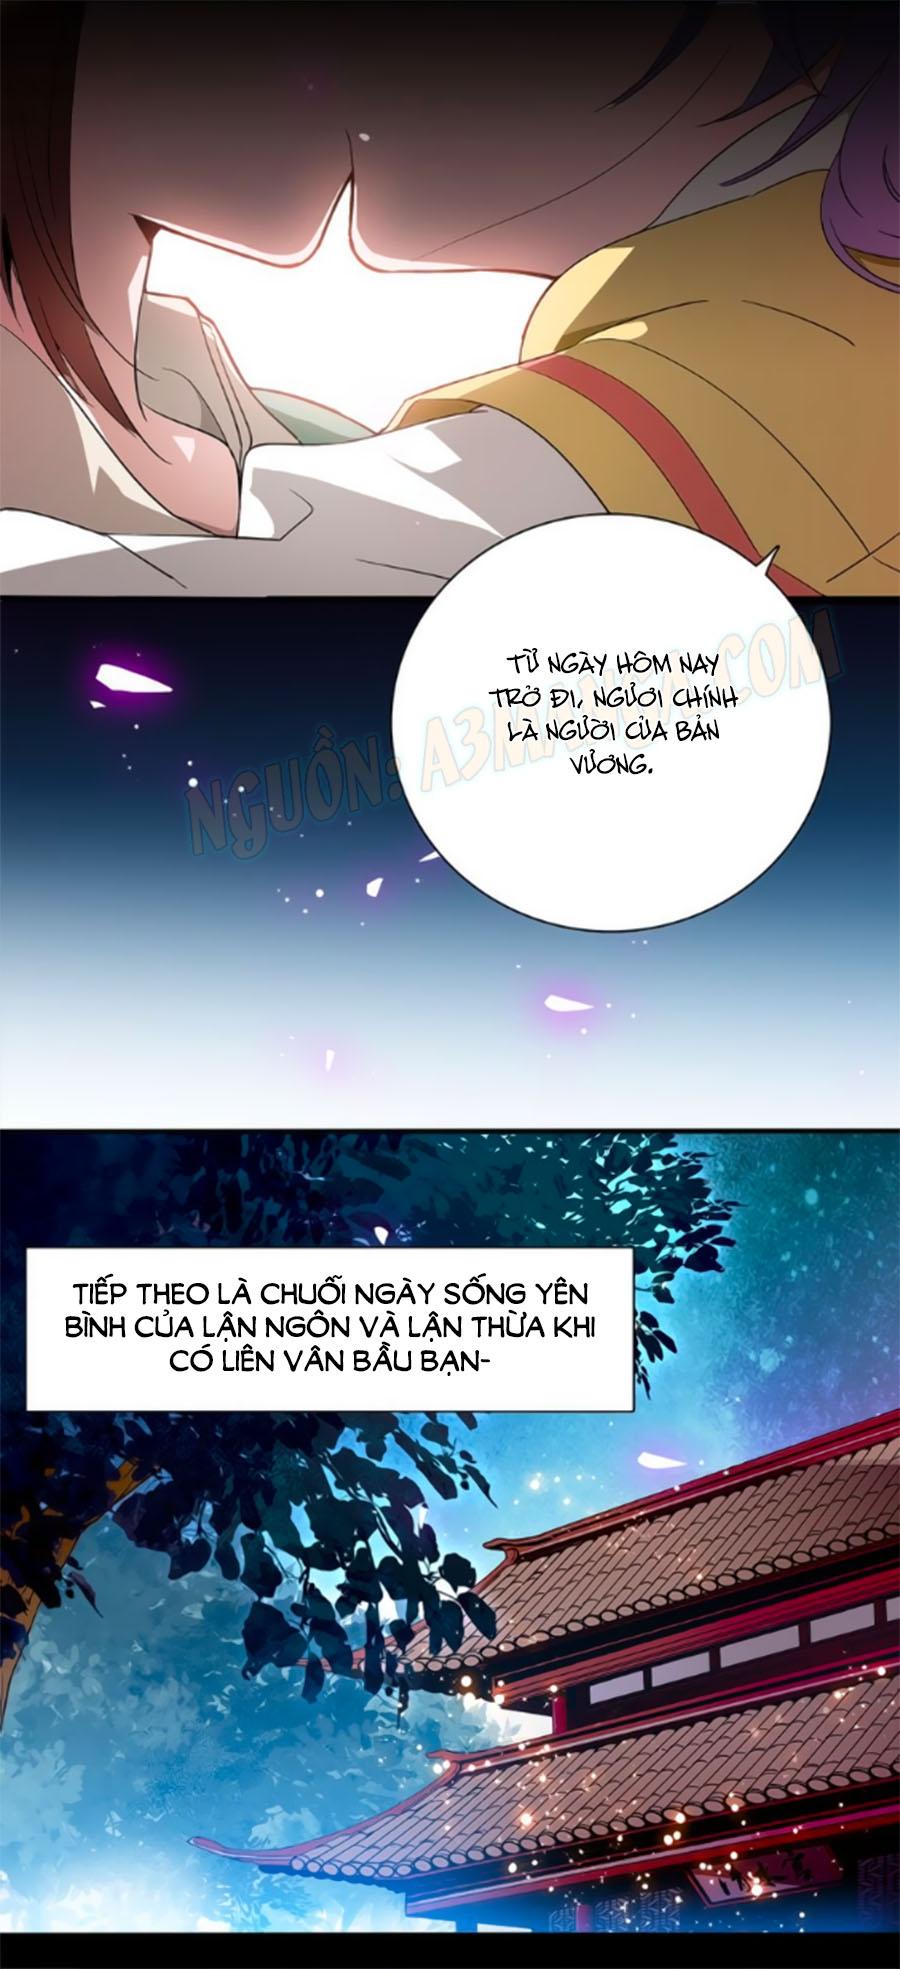 Hoàng Thượng! Hãy Sủng Ái Ta Đi! Chap 27